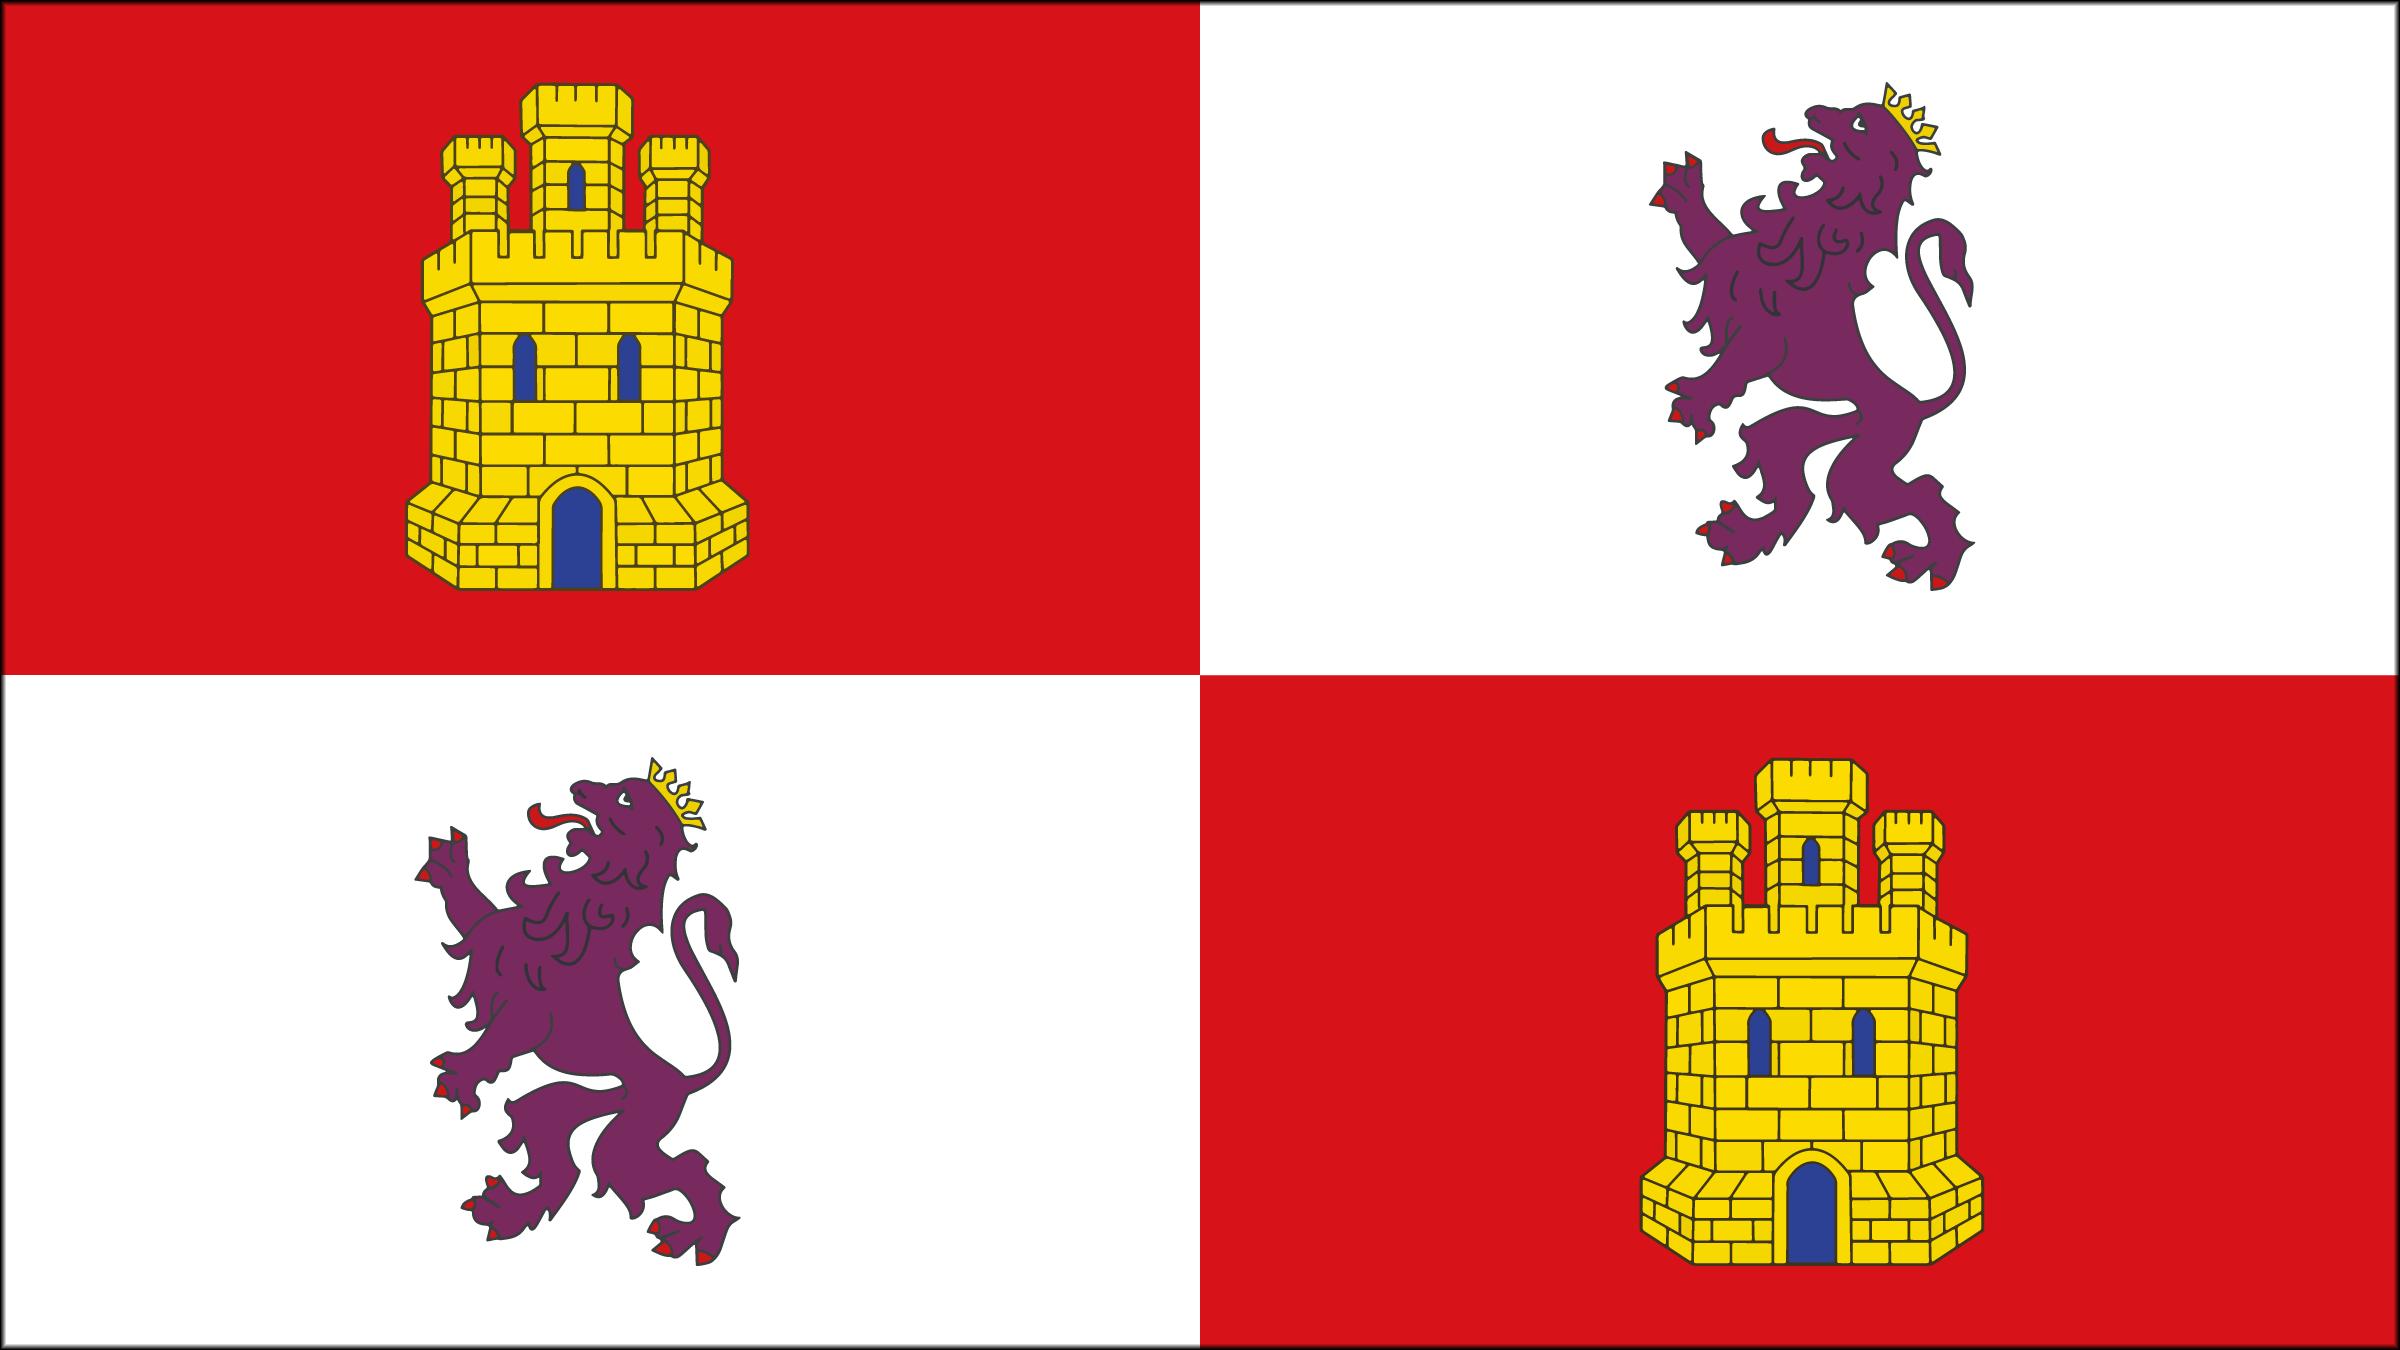 Los símbolos de la bandera de Castilla y León